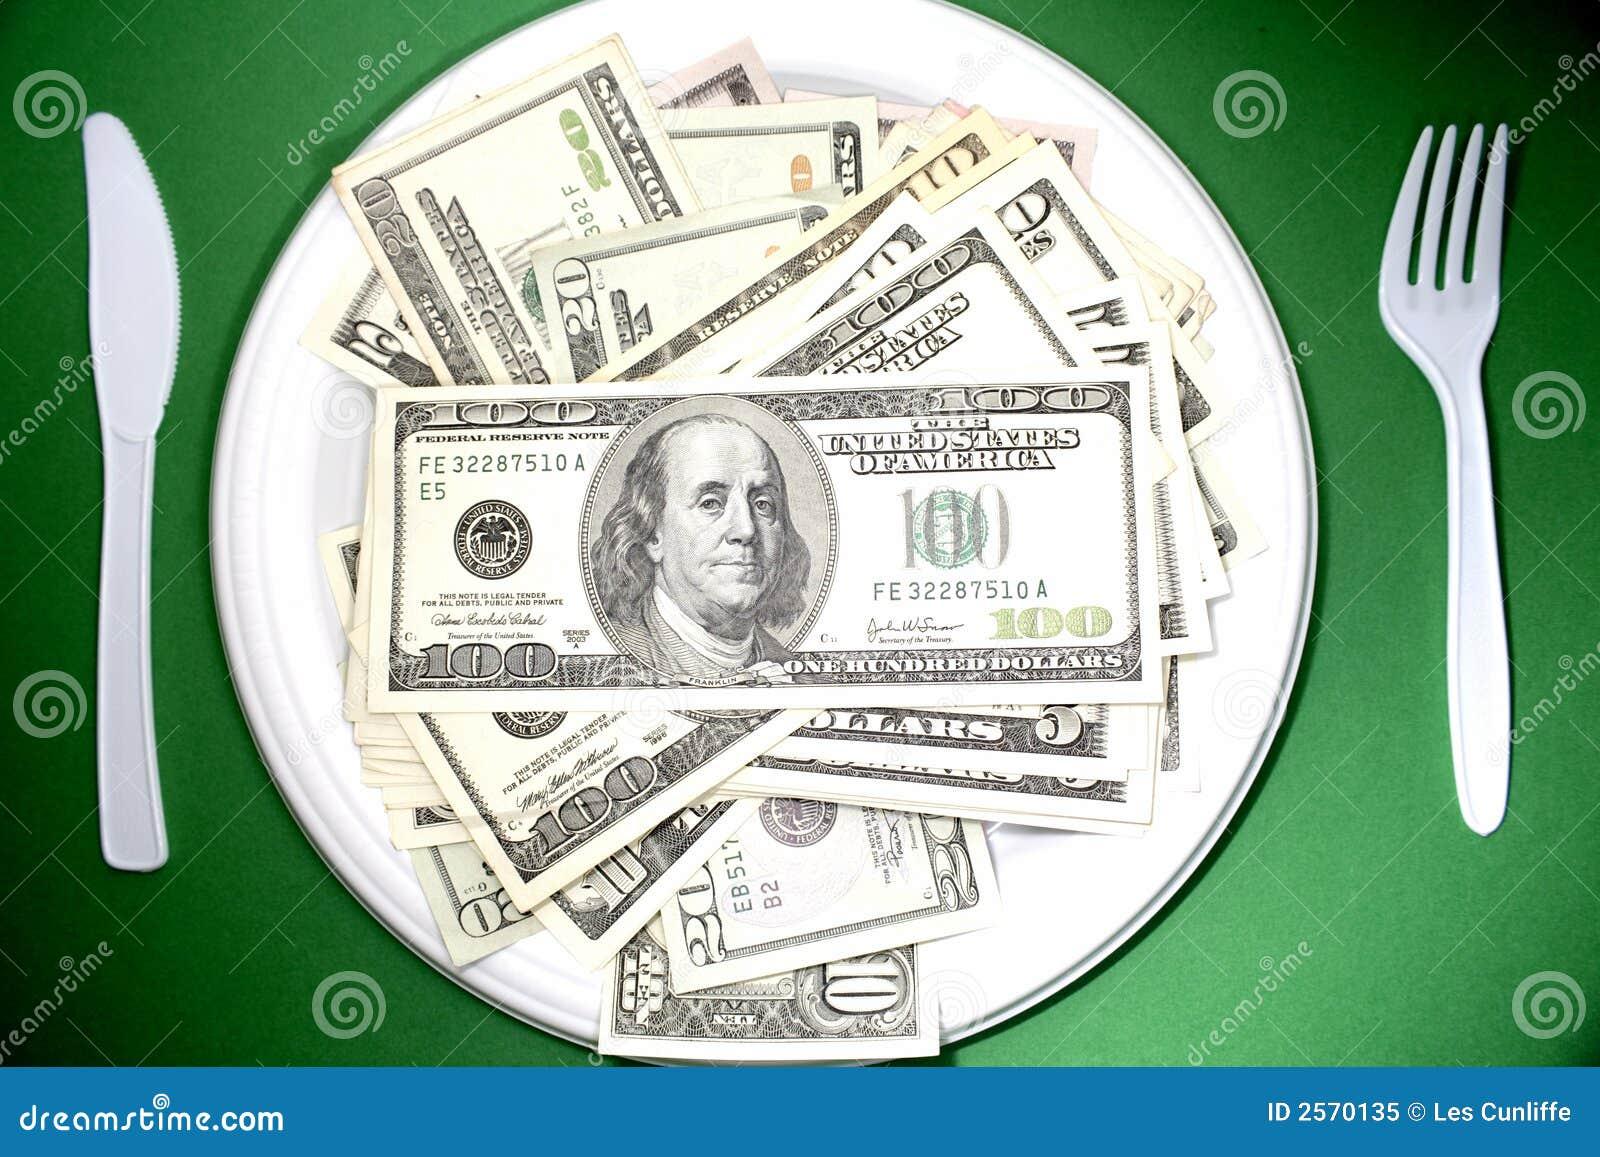 τα μετρητά μας καλύπτουν